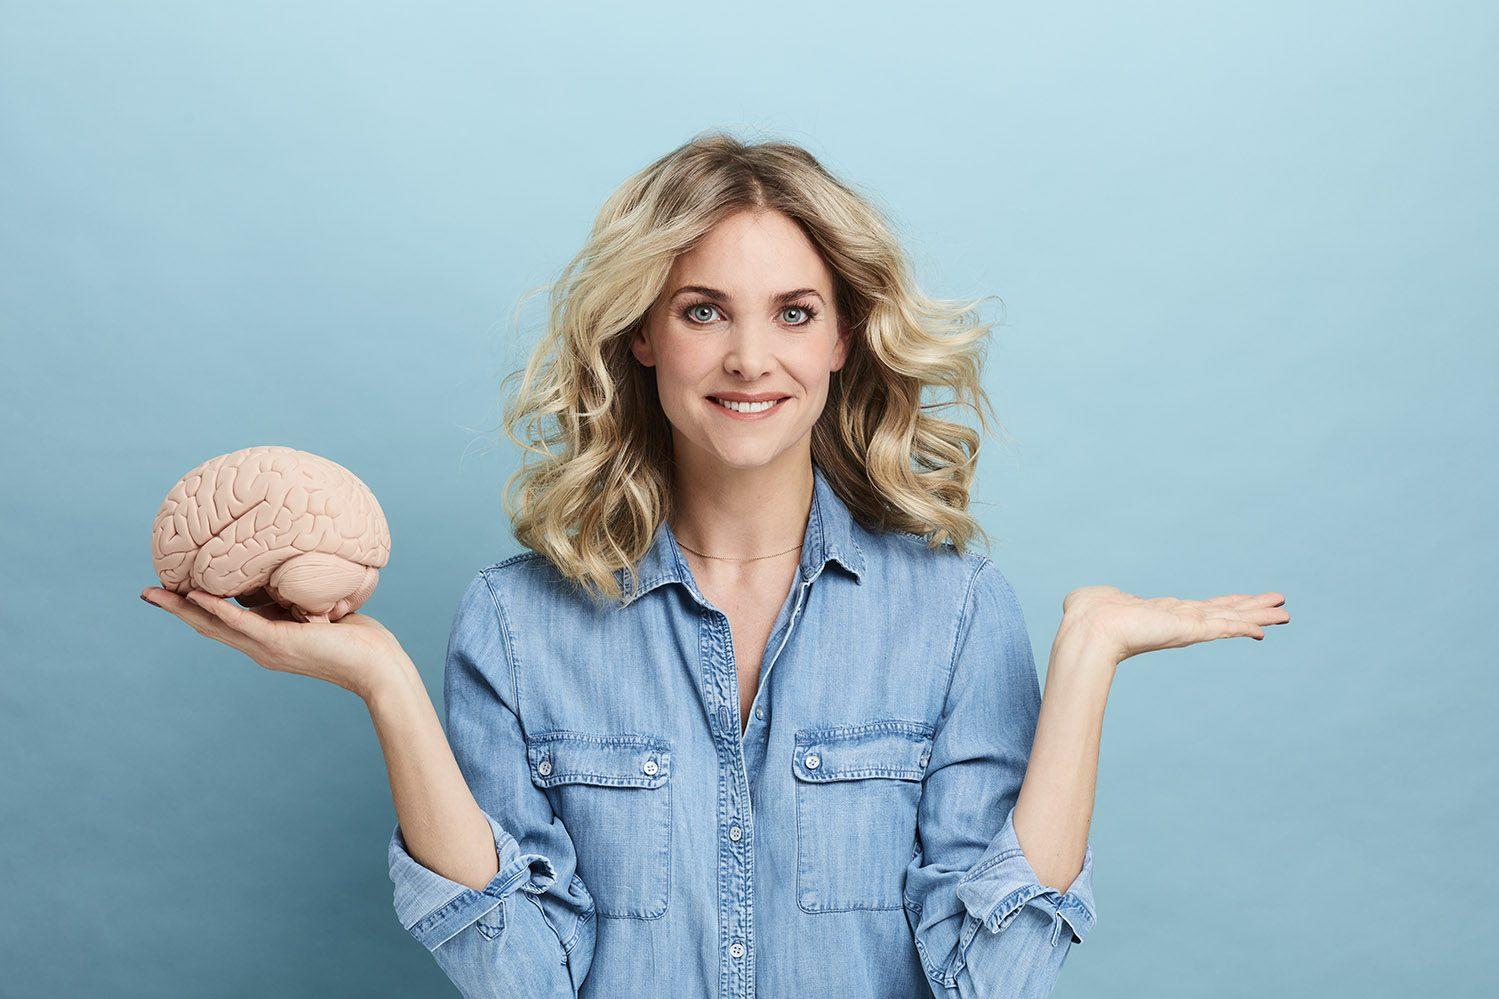 LAB1903195077 e1563884411602 Je hersenen ontwikkelen zich als je uit je comfortzone stapt